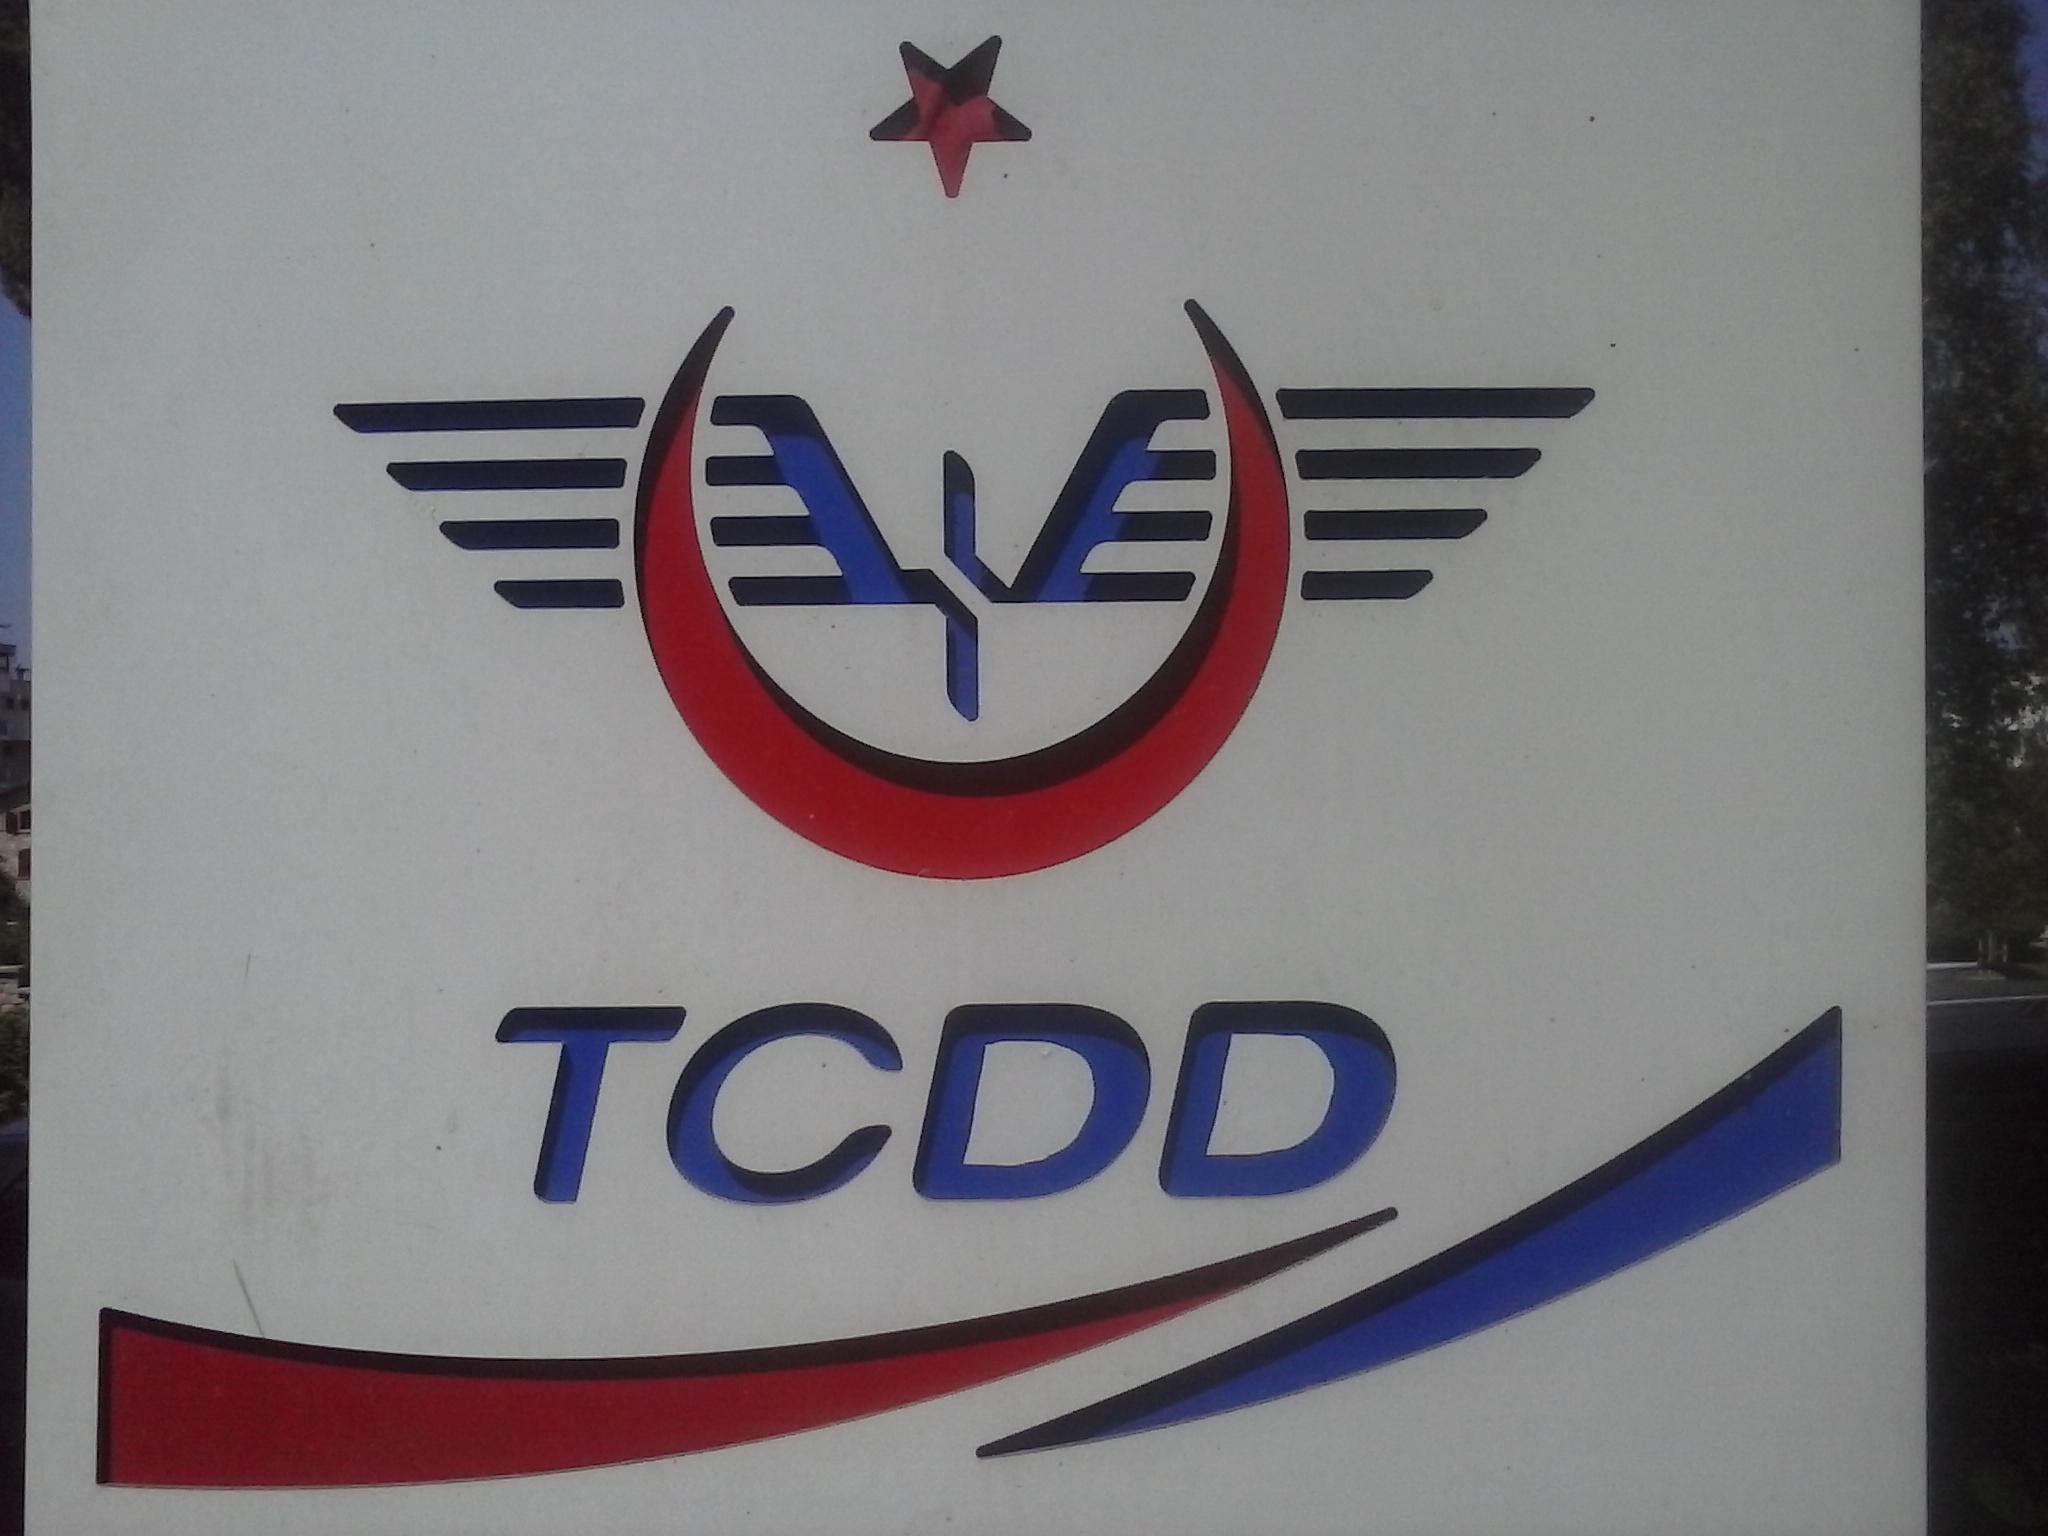 Il simbolo delle ferrovie turche, come muoversi in Turchia